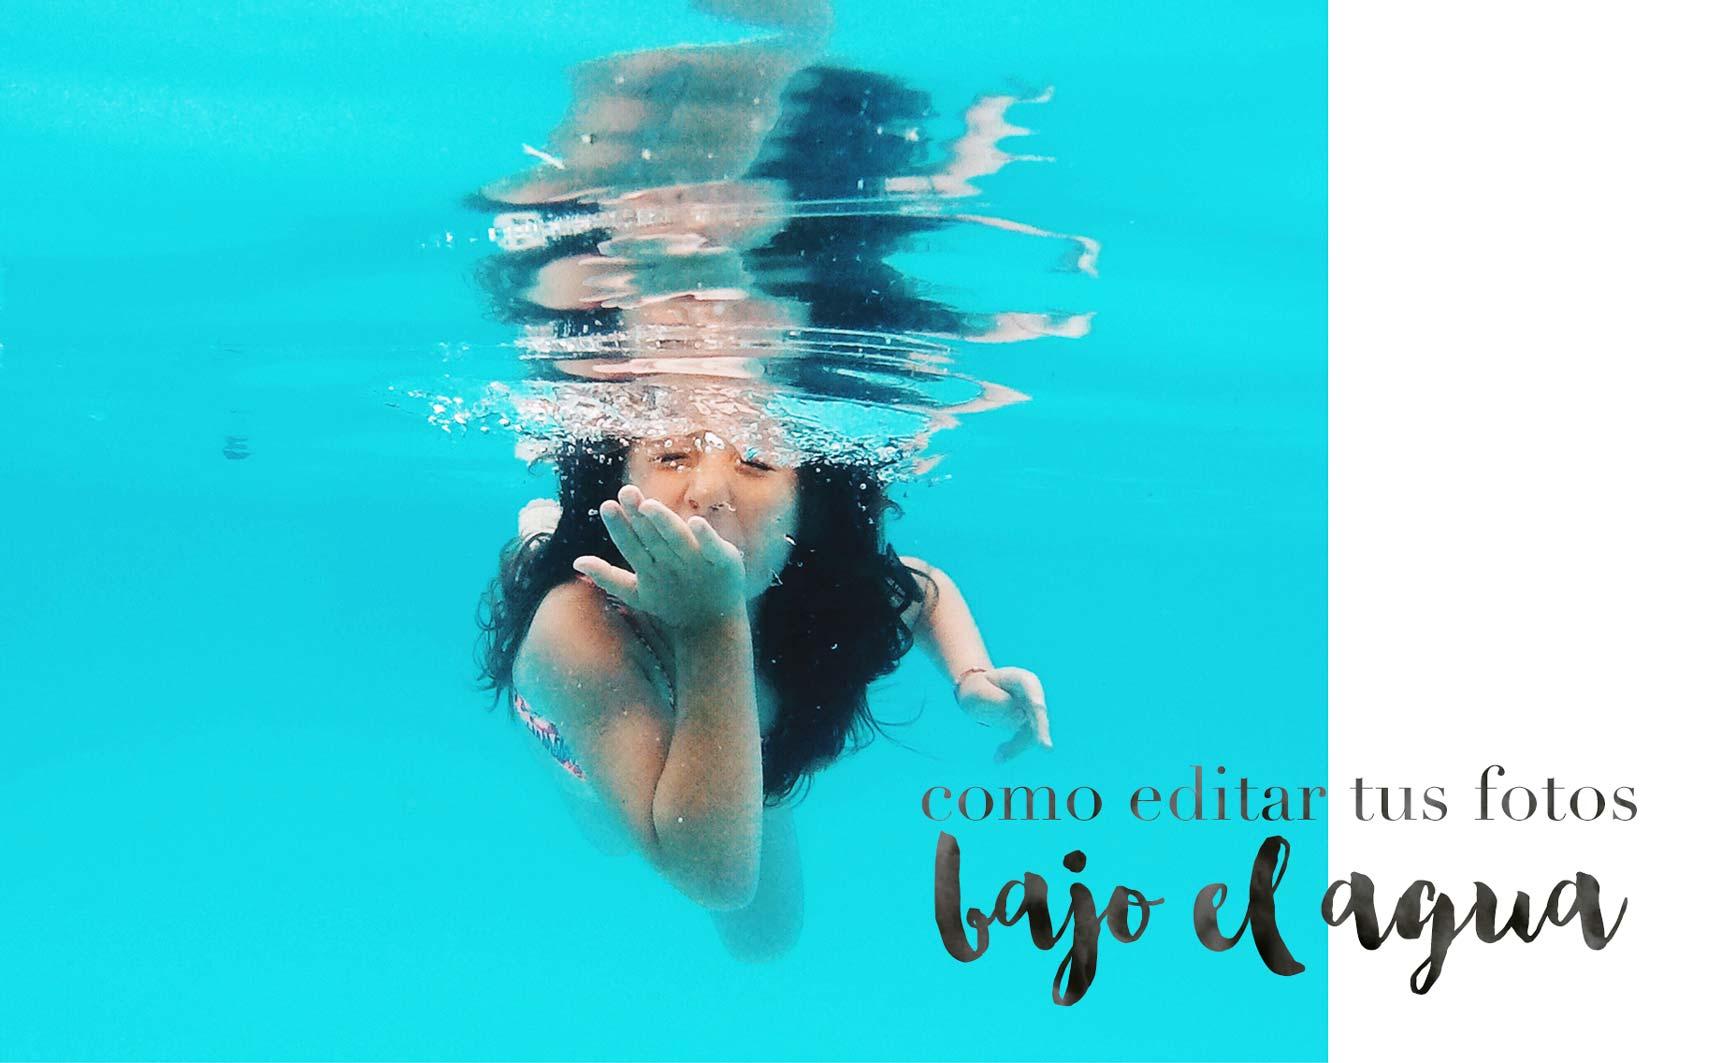 Edicion-fotos-bajo-agua-5